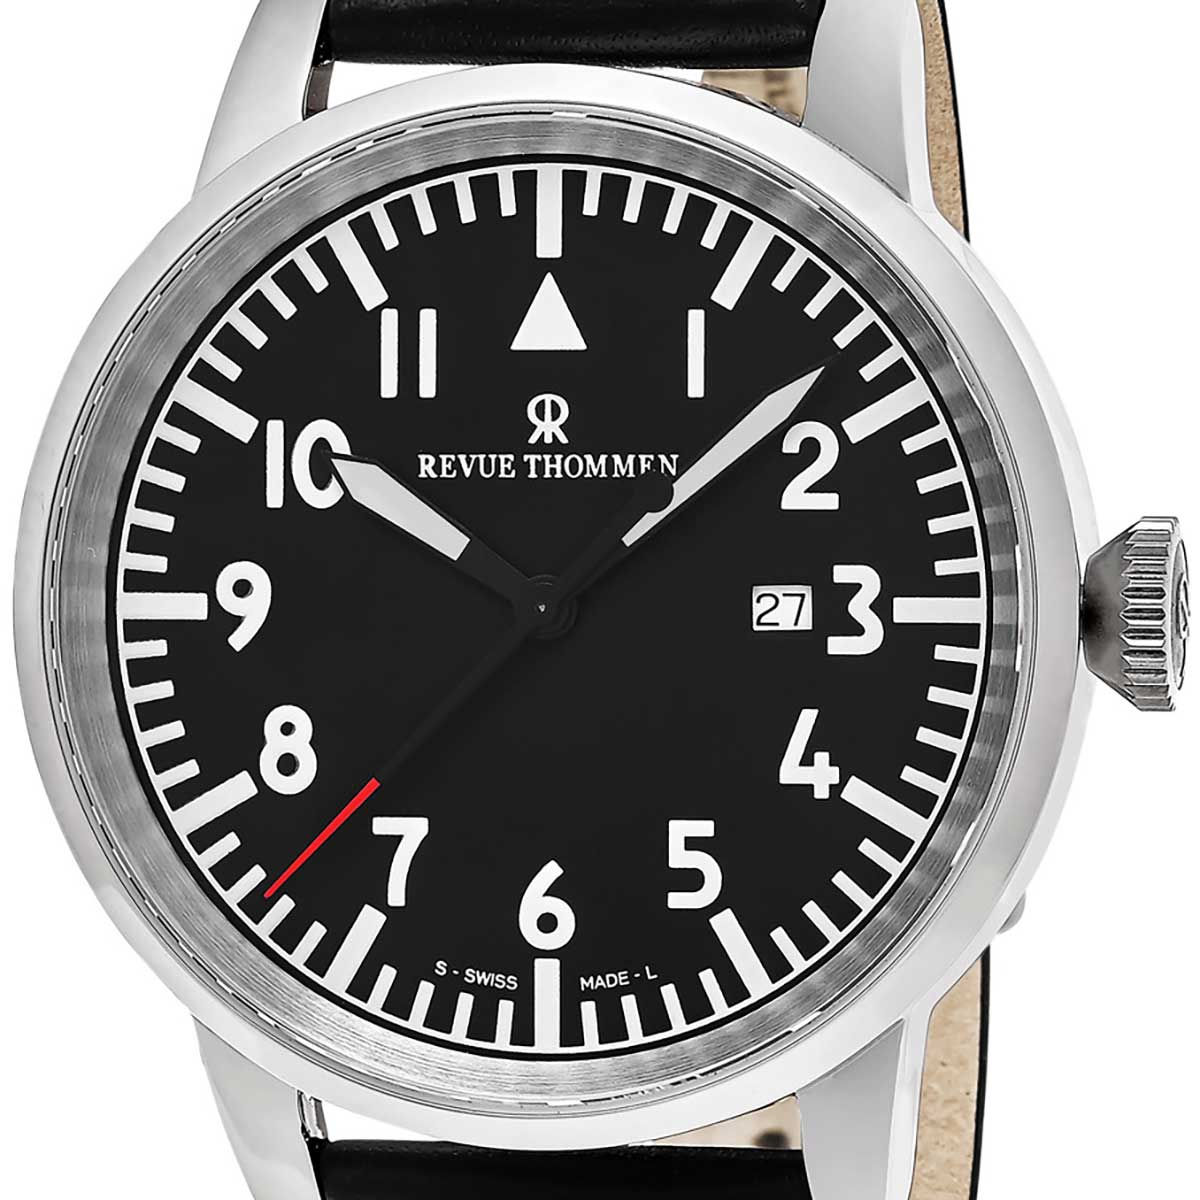 【残り1点】REVUE THOMMEN レビュートーメン 自動巻き(手巻き機能あり) 腕時計 [16053.2537] 並行輸入品 ブラック(黒)